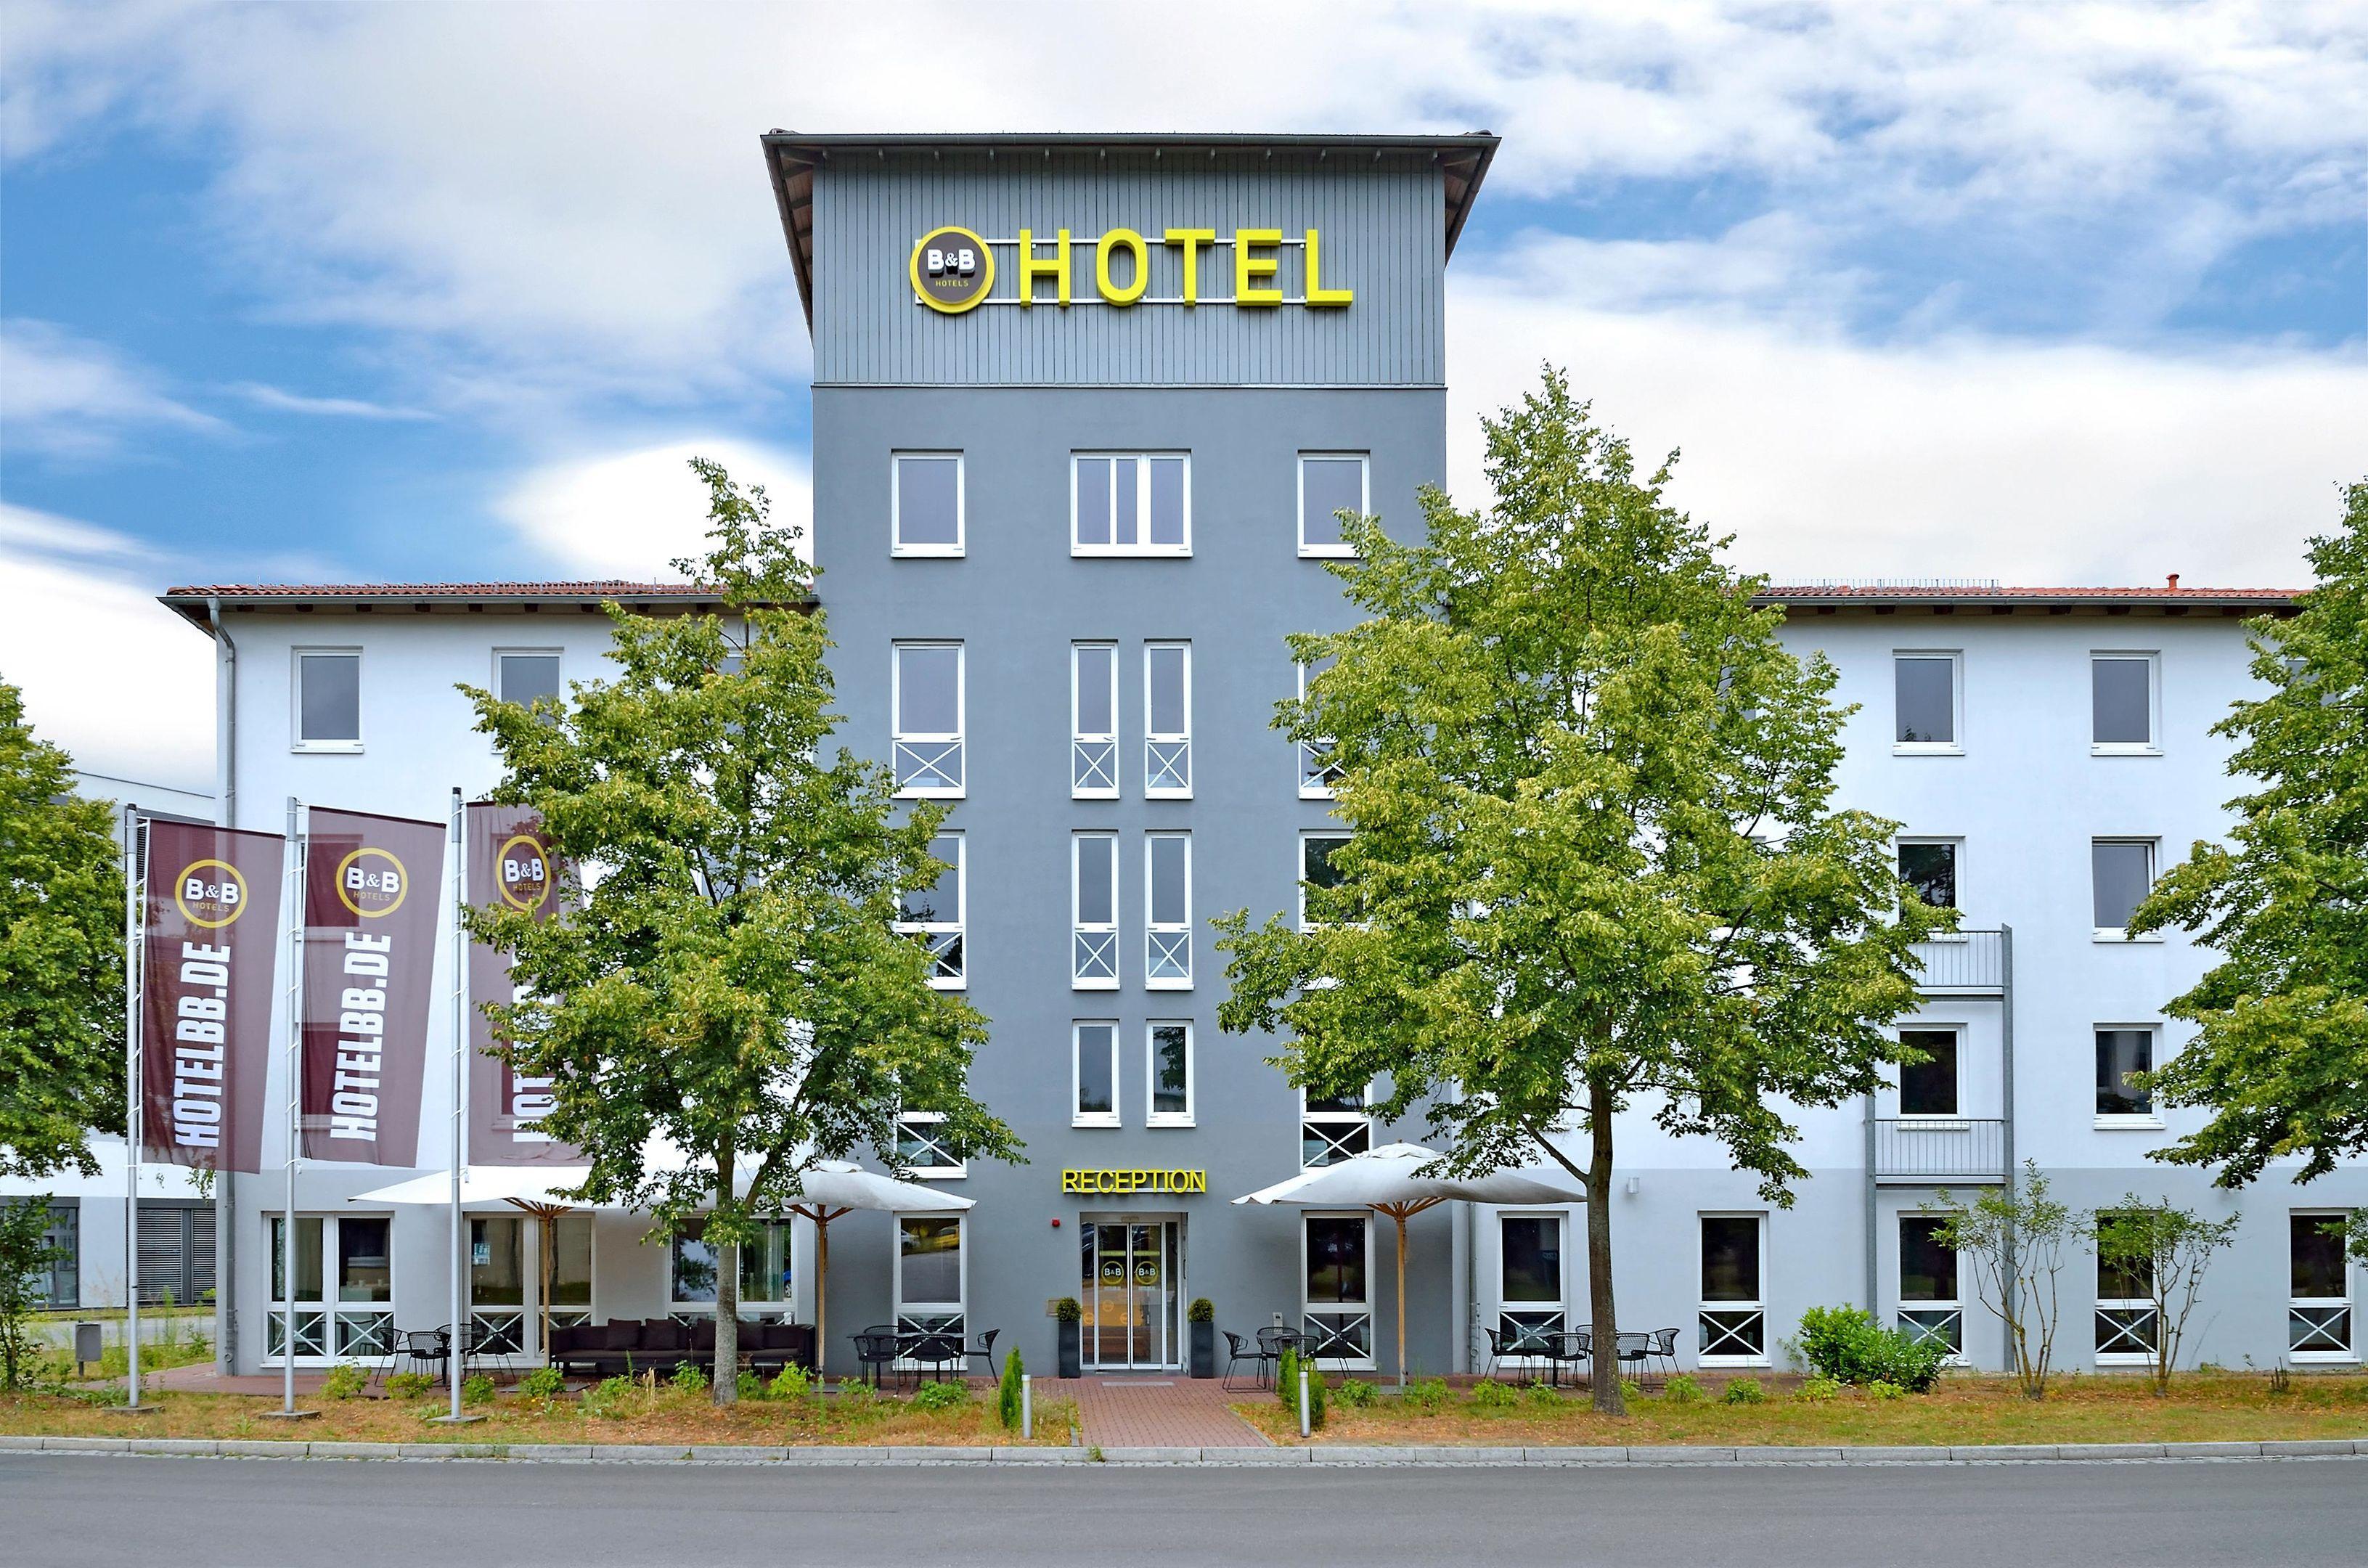 B&B Hotel Berlin-Dreilinden, Potsdam-Mittelmark